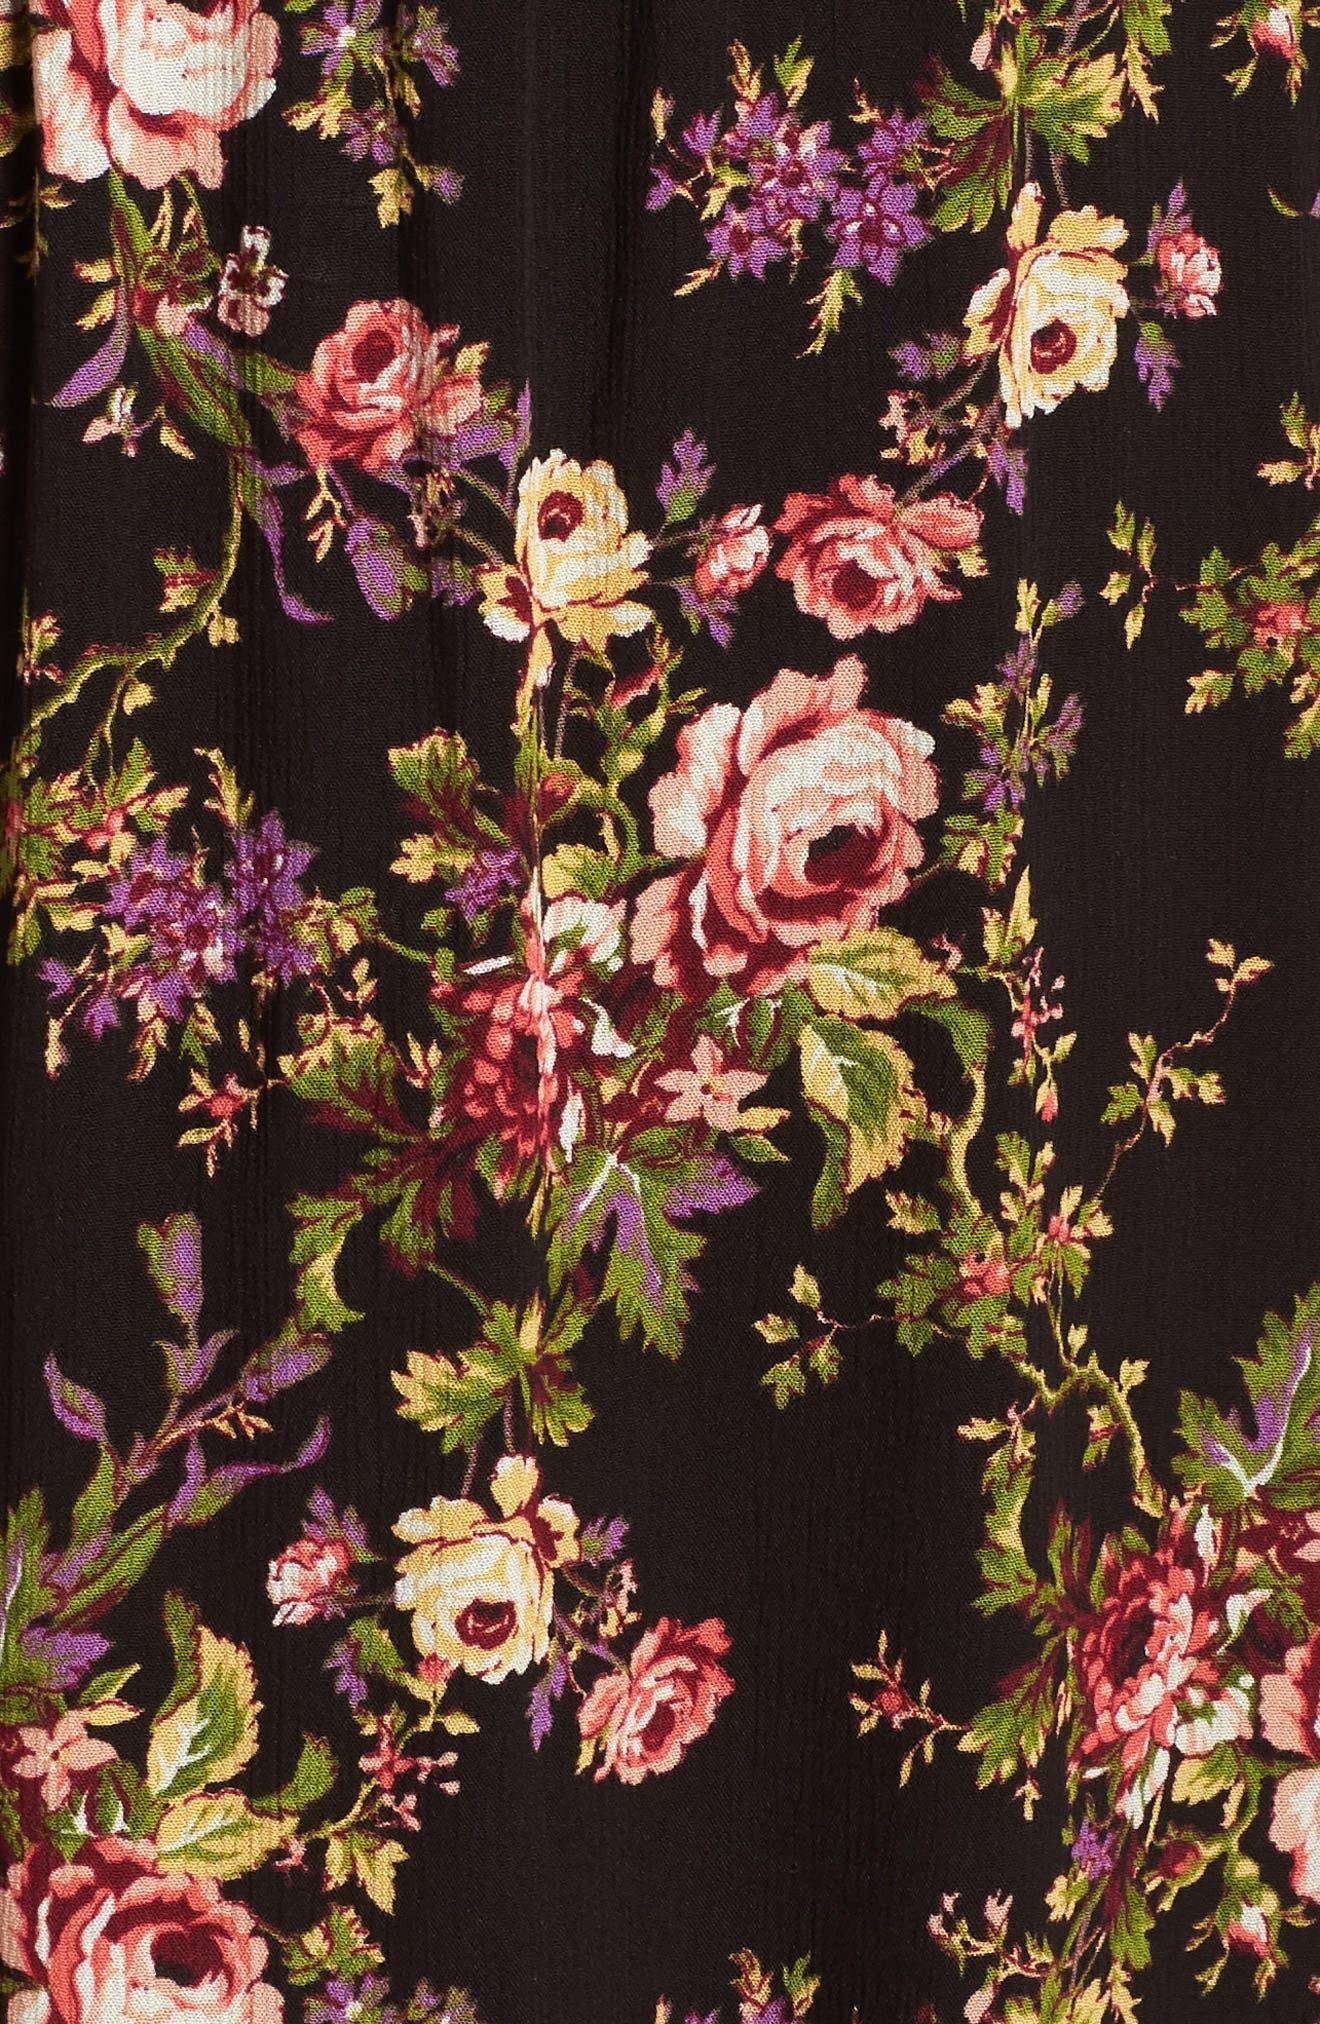 Blouson Midi Dress,                             Alternate thumbnail 6, color,                             BLACK TAPESTRY FLORAL